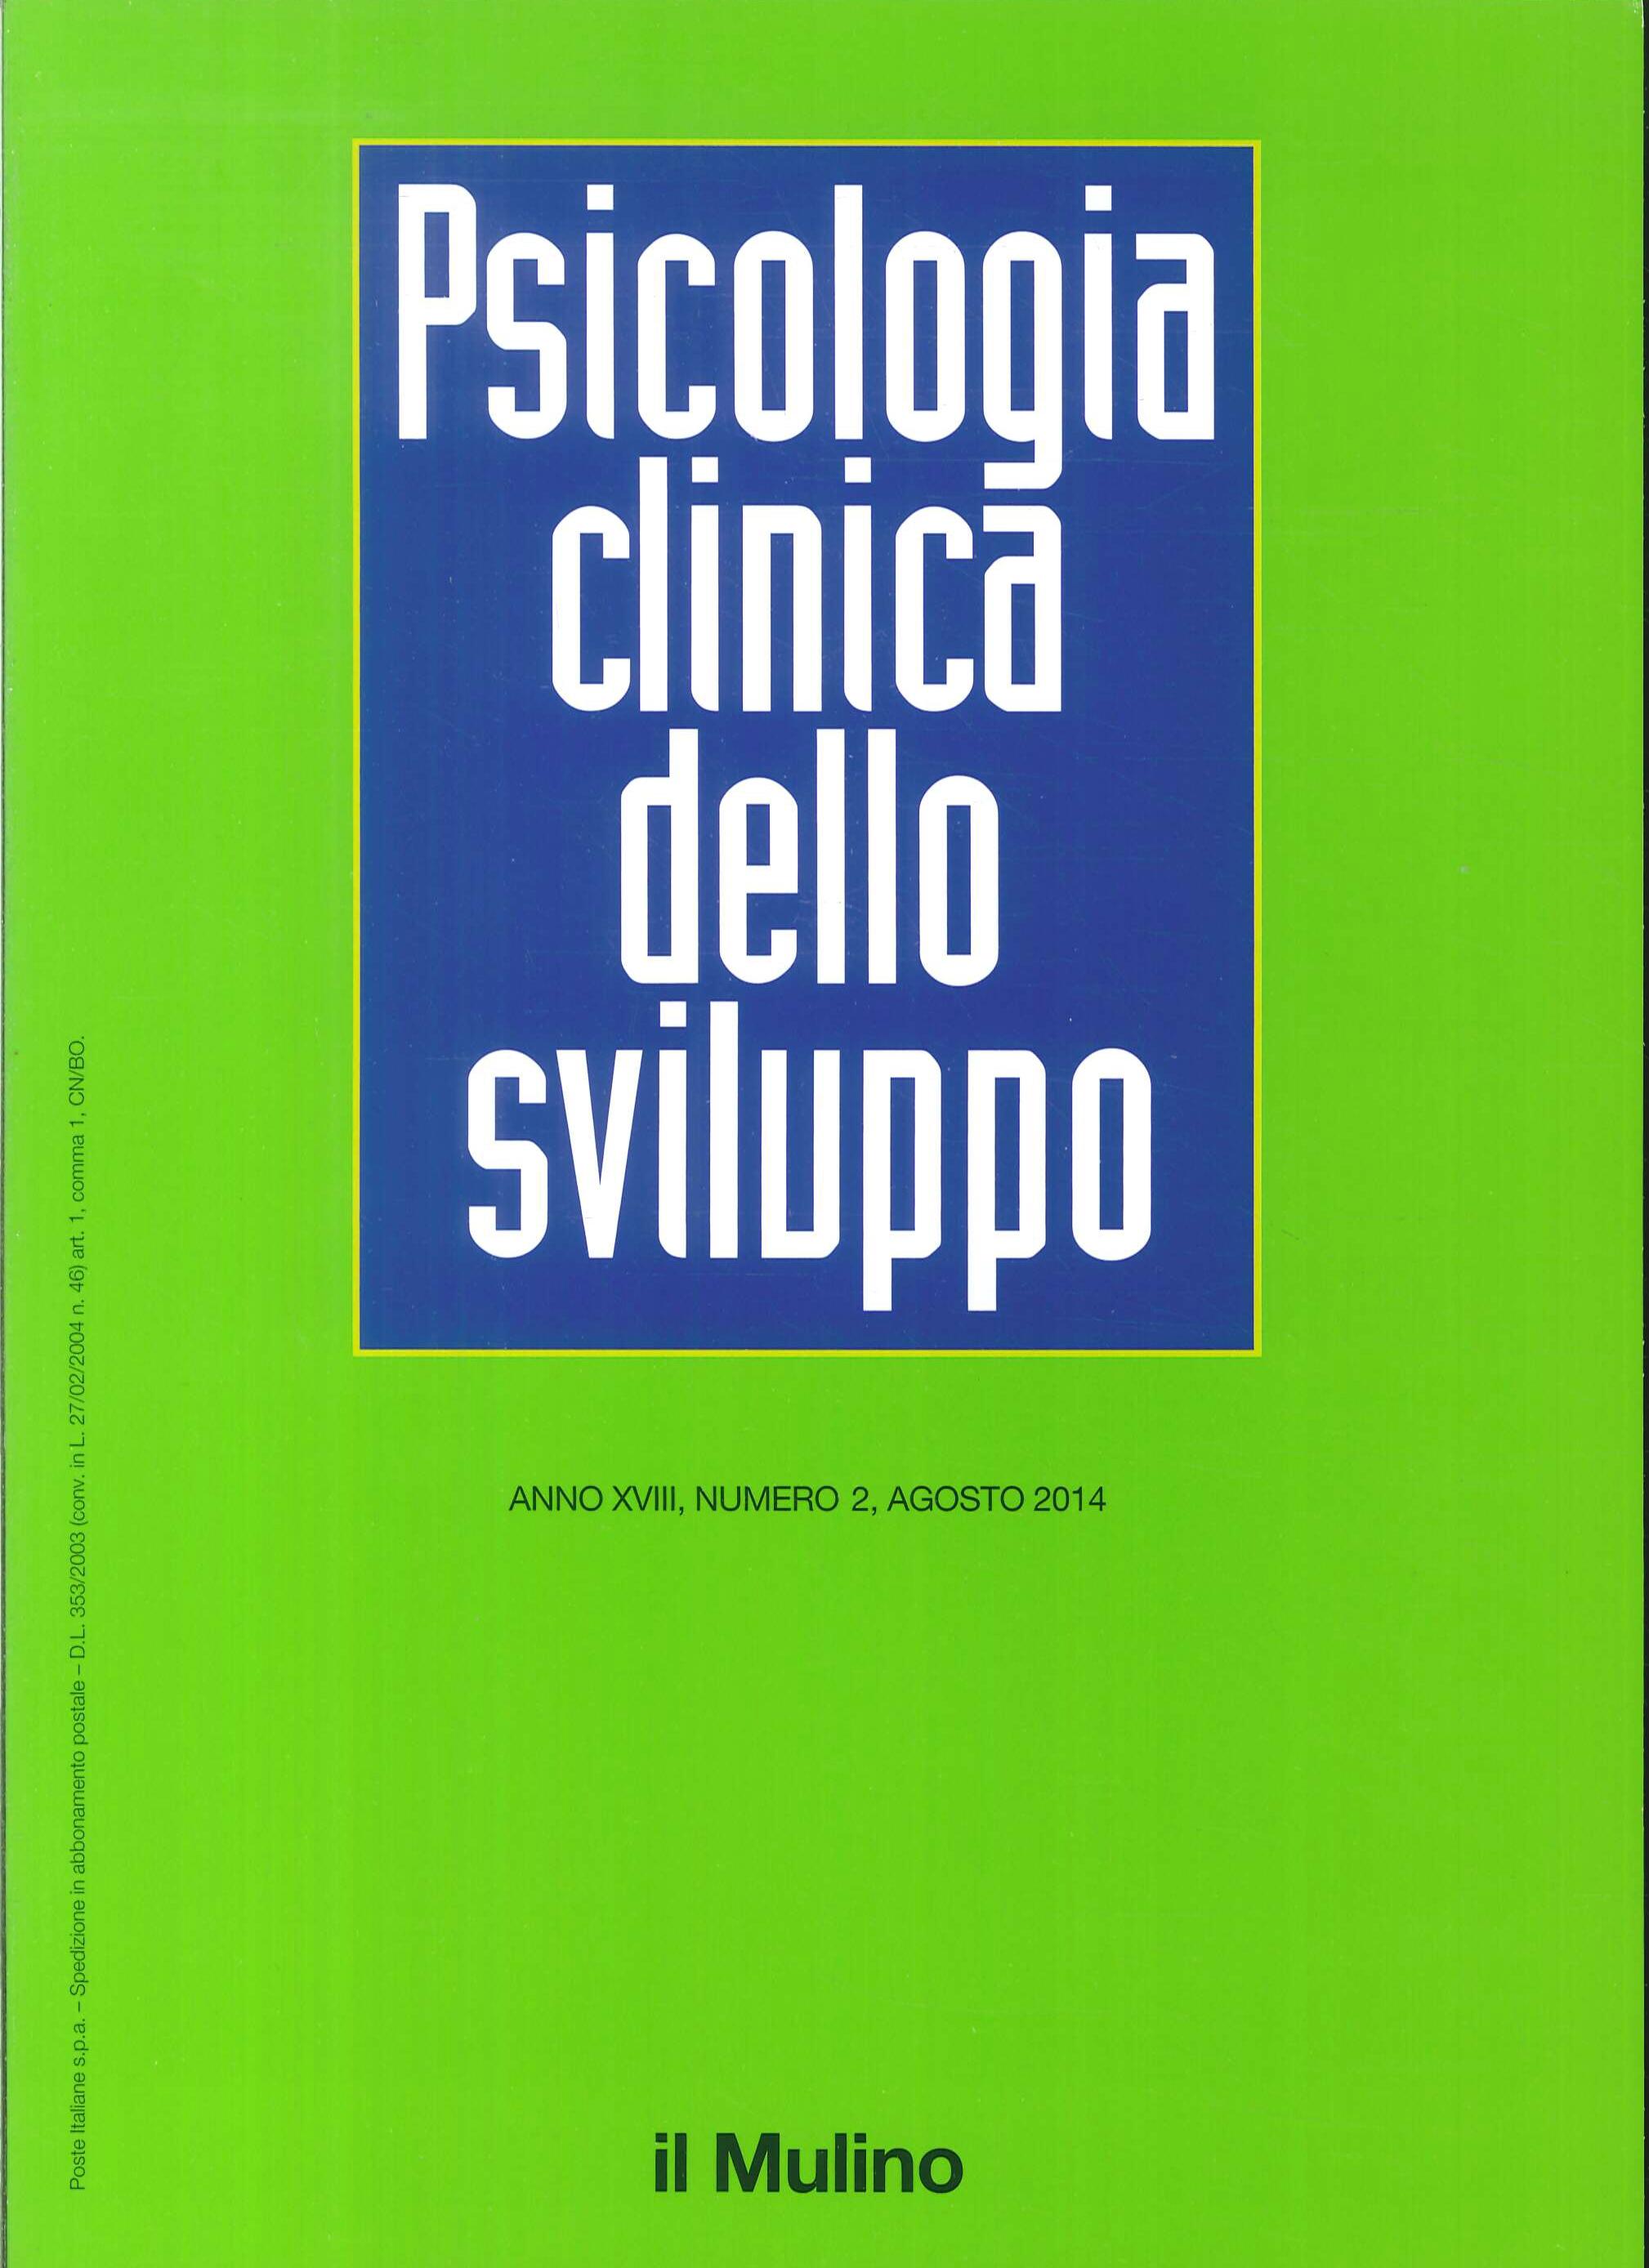 Psicologia clinica dello sviluppo. Anno XVIII. Numero 2. Agosto 2014.